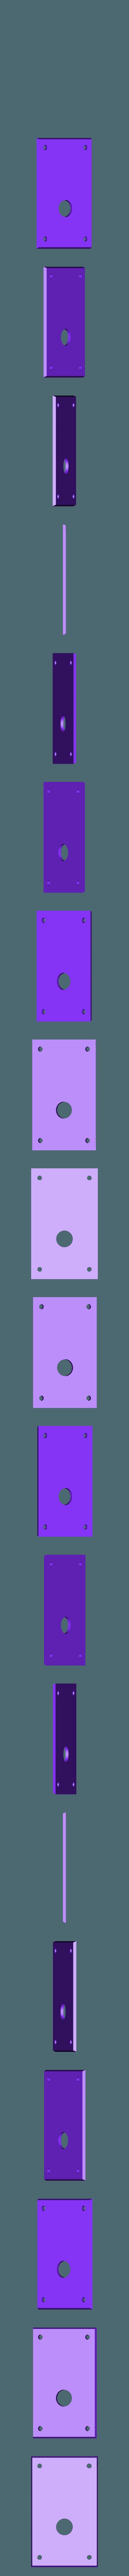 side_RT_alum_plate_SM.stl Télécharger fichier STL gratuit Ghostbuster Ghostbuster Ghosttrap • Modèle pour impression 3D, SLIDES